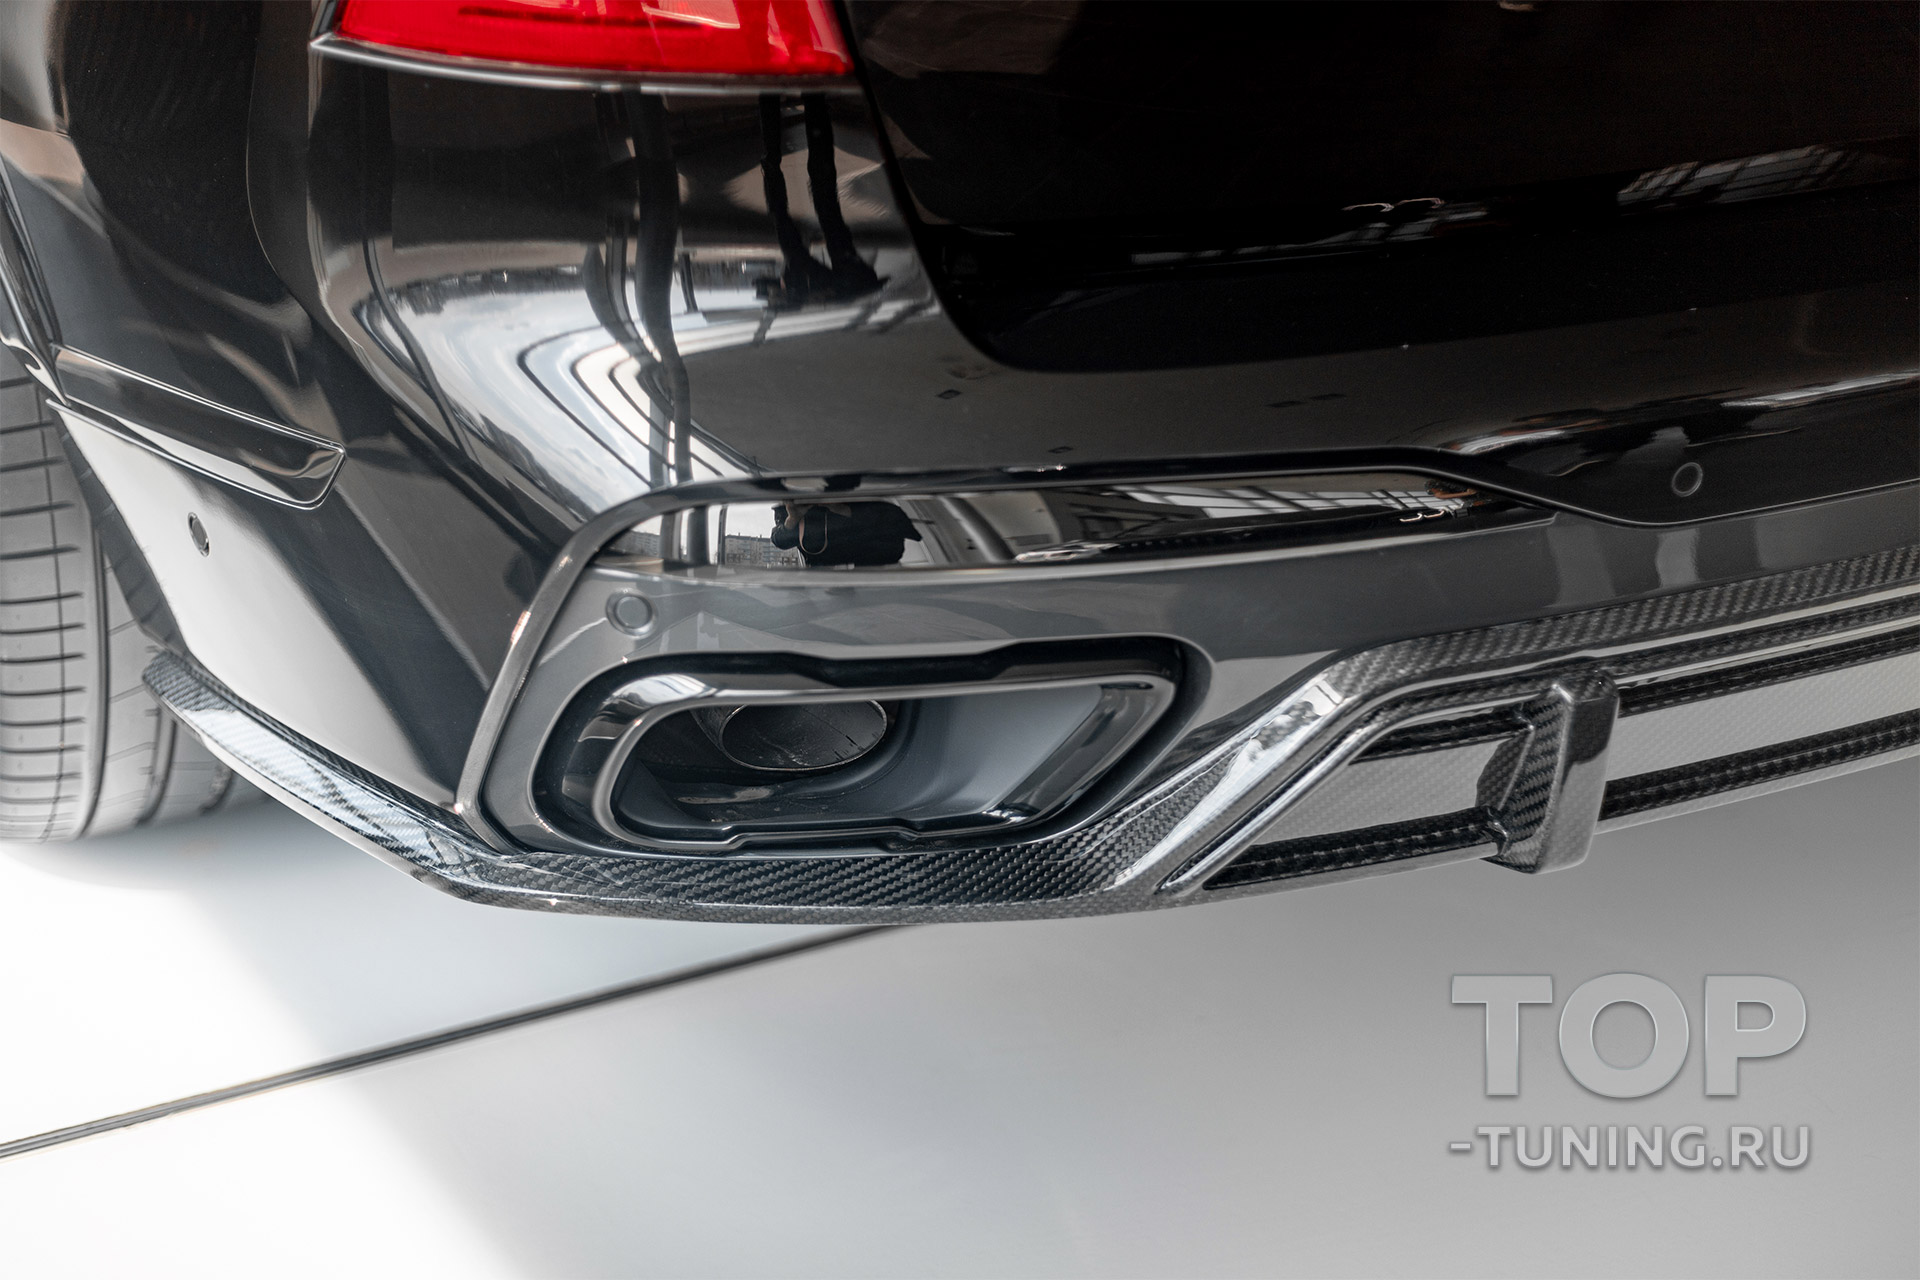 10211 Диффузор Renegade на задний бампер BMW X7 G07 2018+